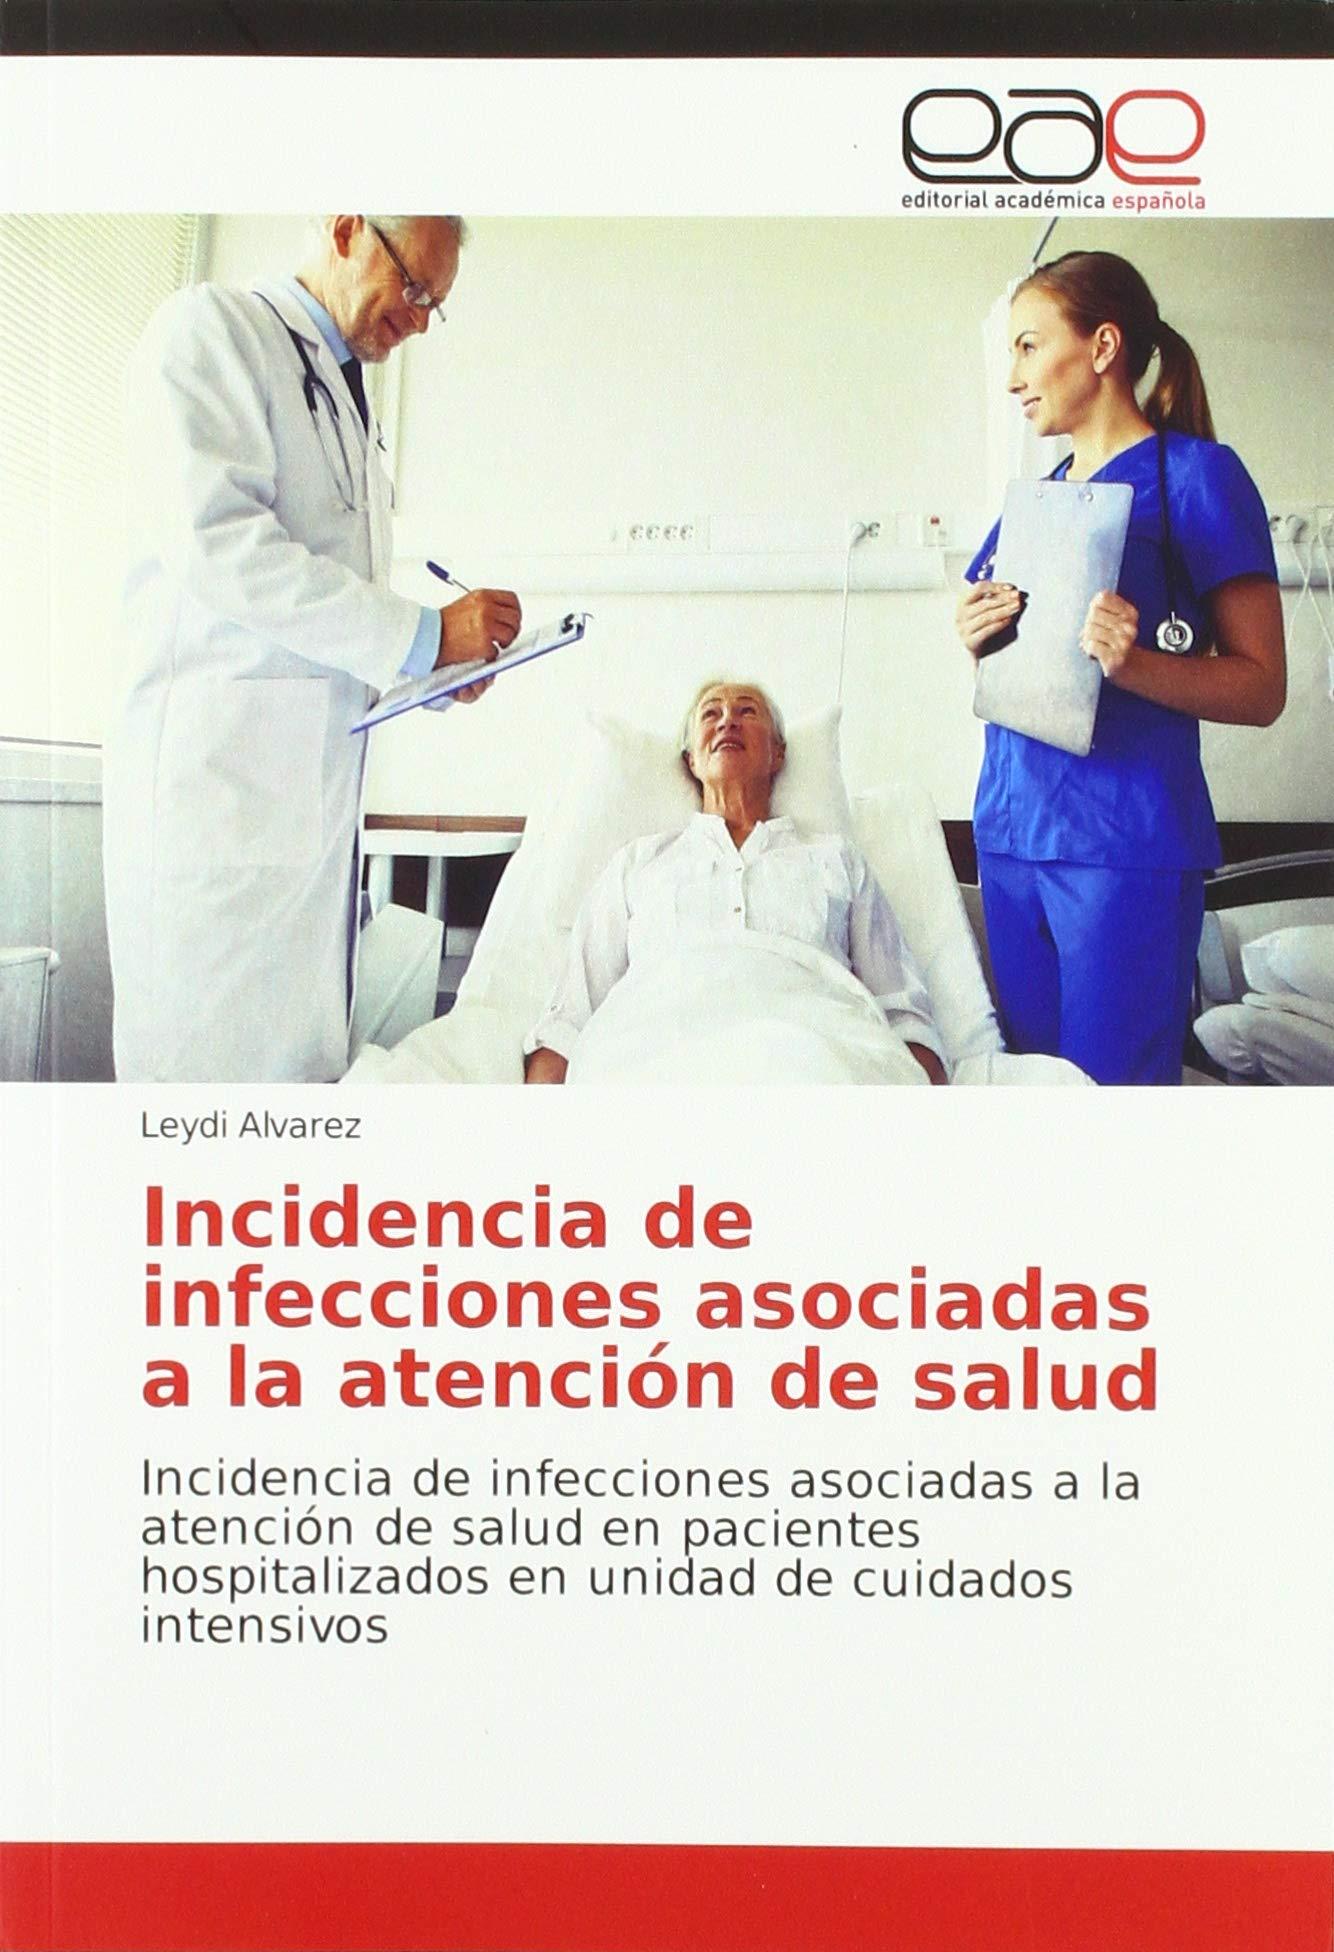 infecciones asociadas al cuidado de salud